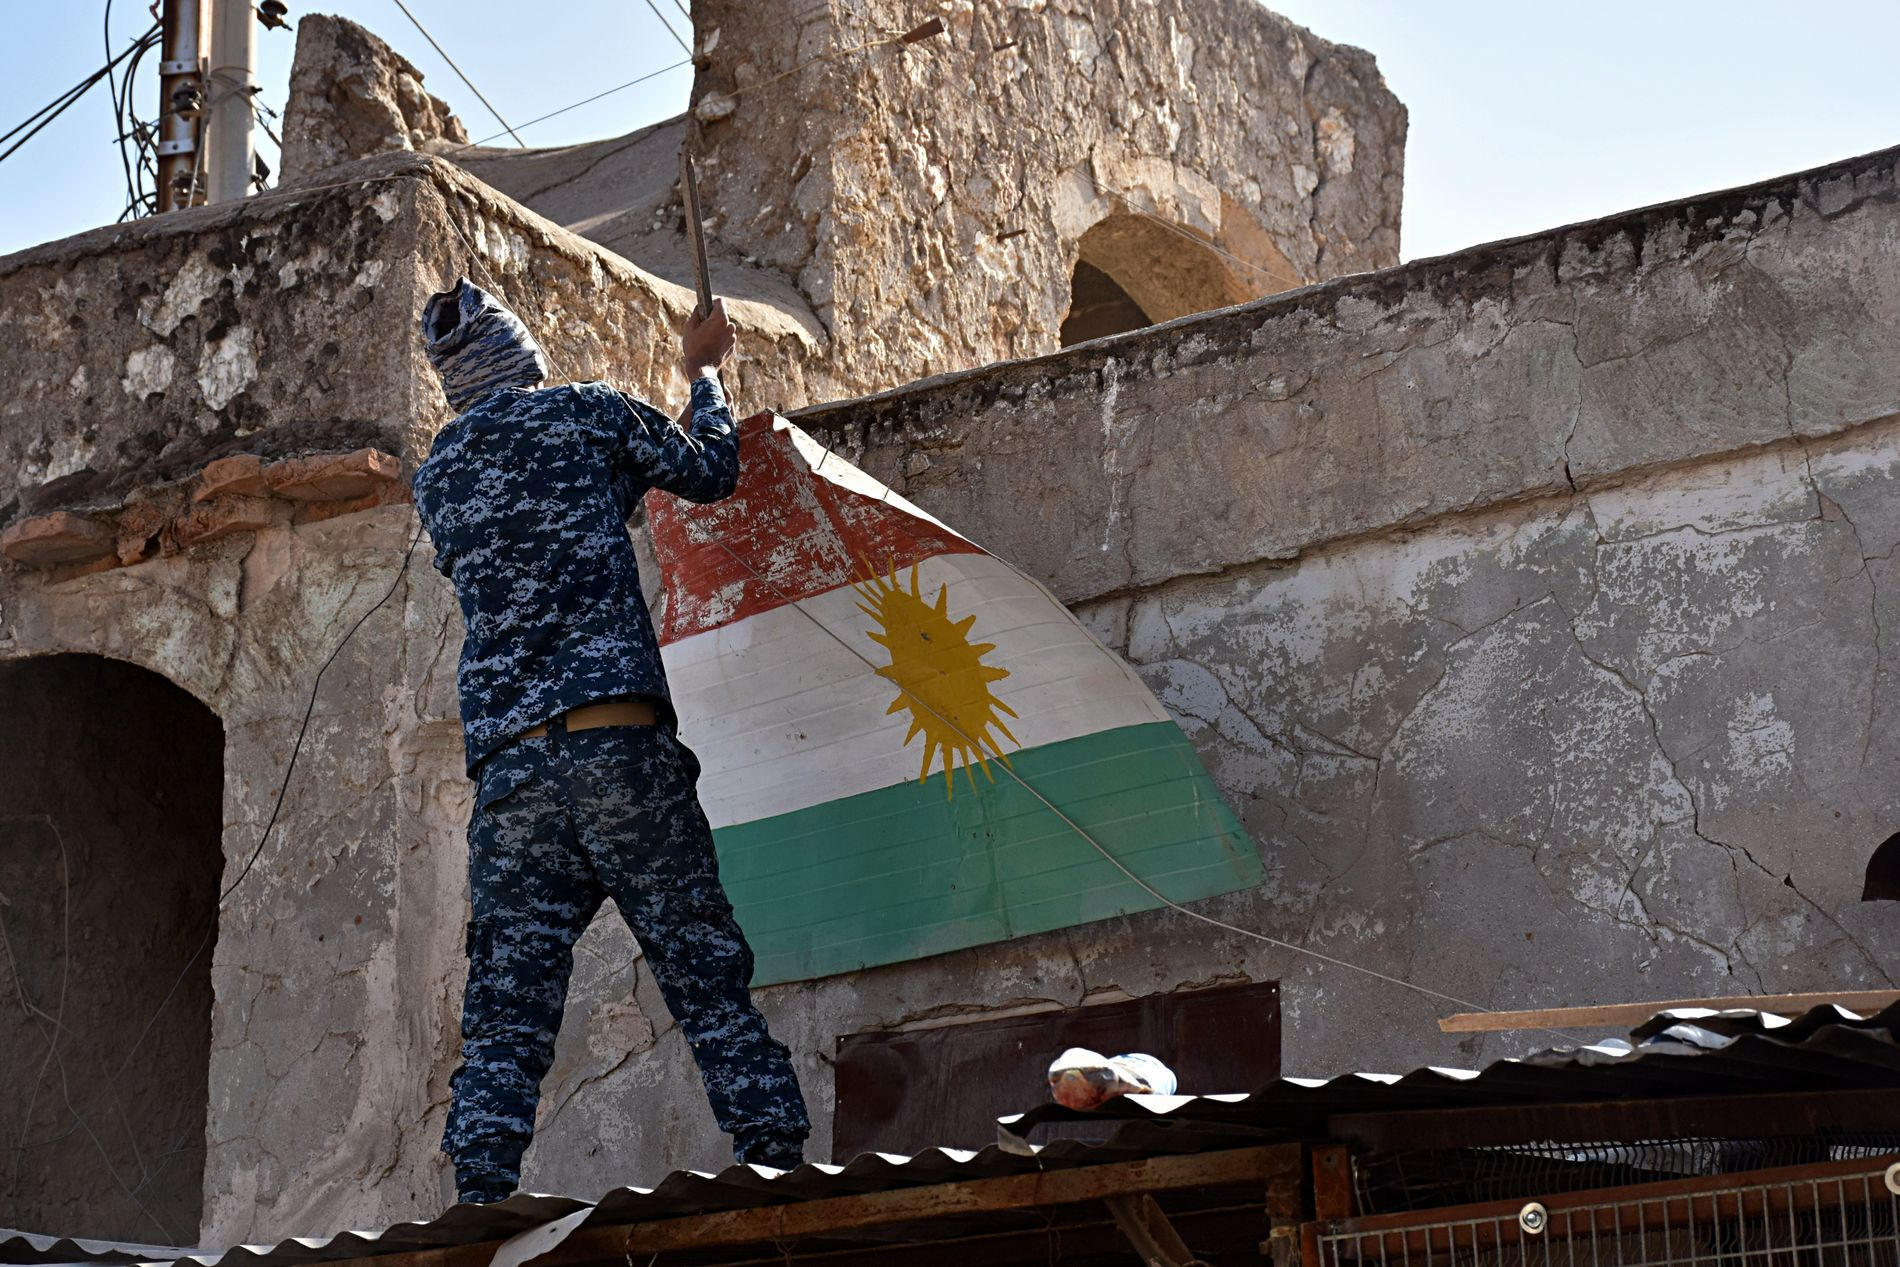 SYMBOLSK: En irakisk soldat fjerner et kurdisk flagg i Altun Kupri. Myndighetene i Bagdad hever nå å ha kontroll over den strategisk plasserte landsbyen.